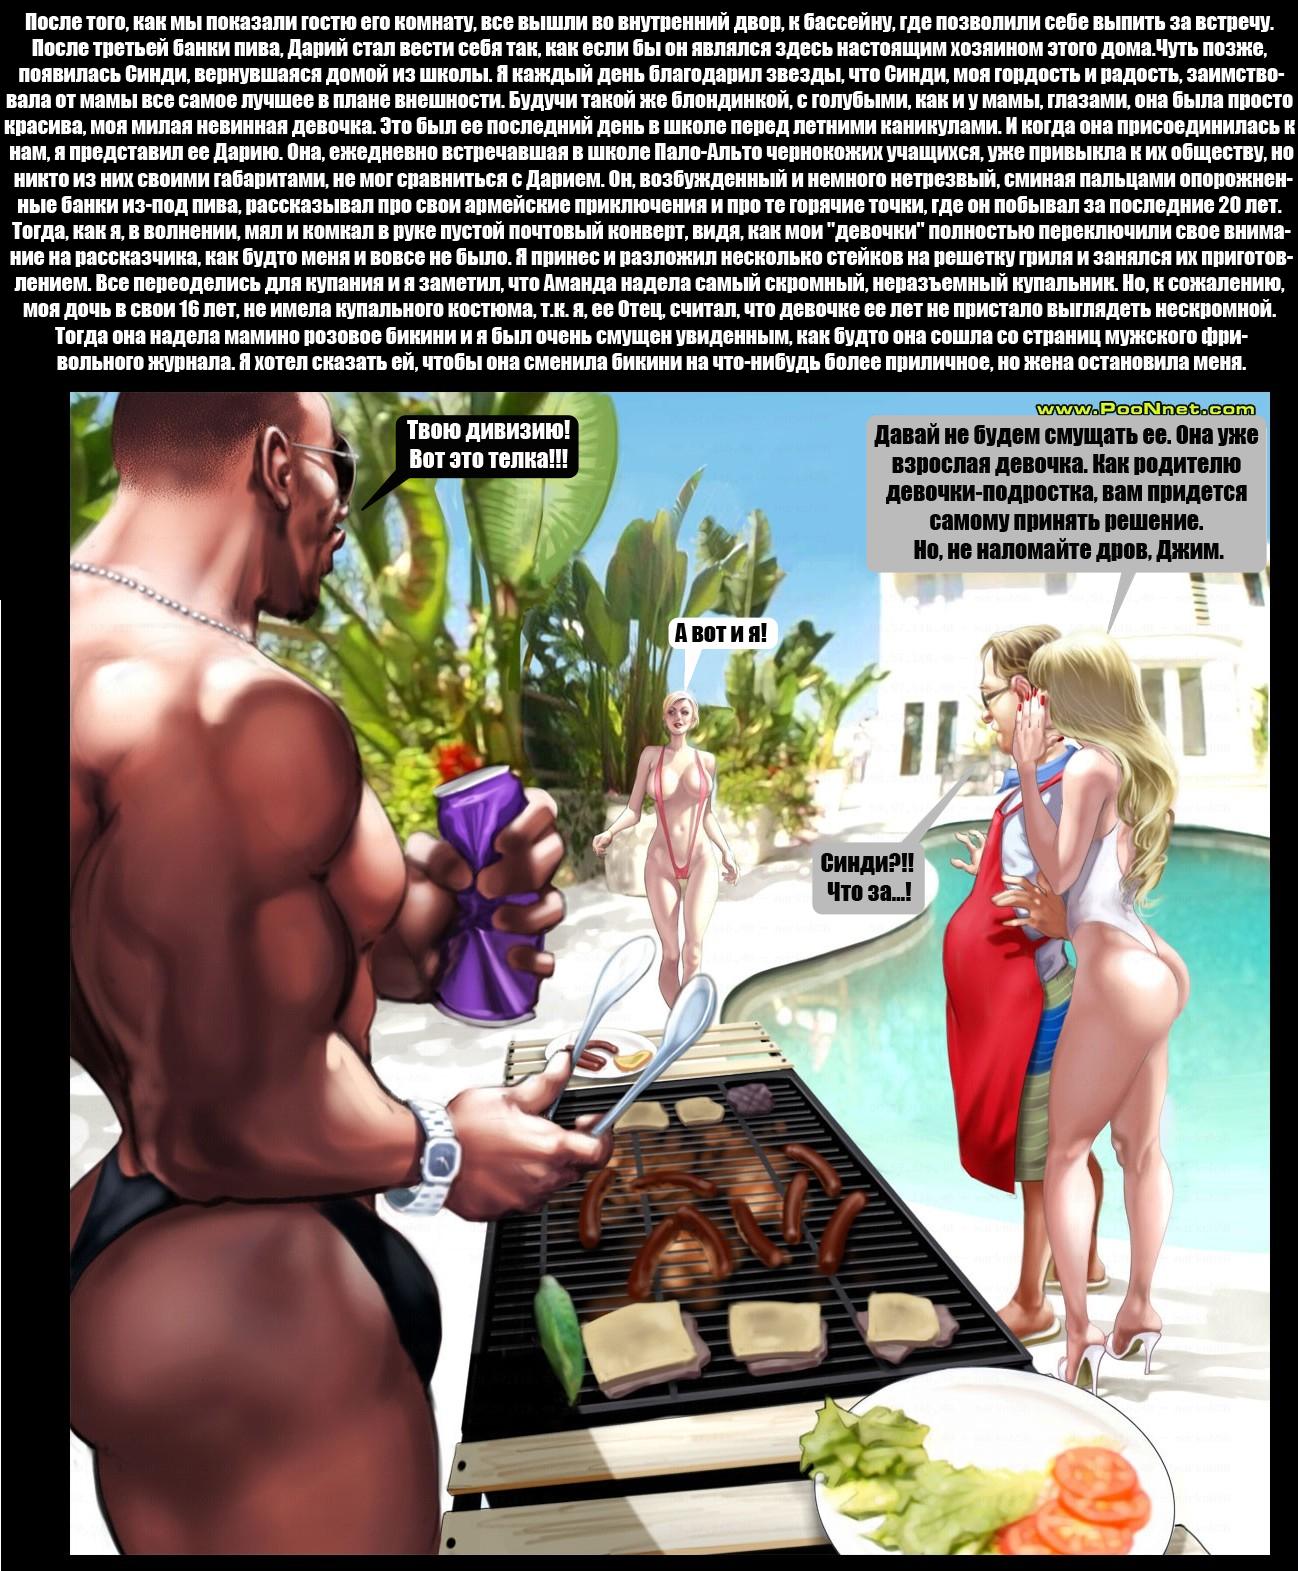 3D комиксы смотреть онлайн 3d порно комиксы